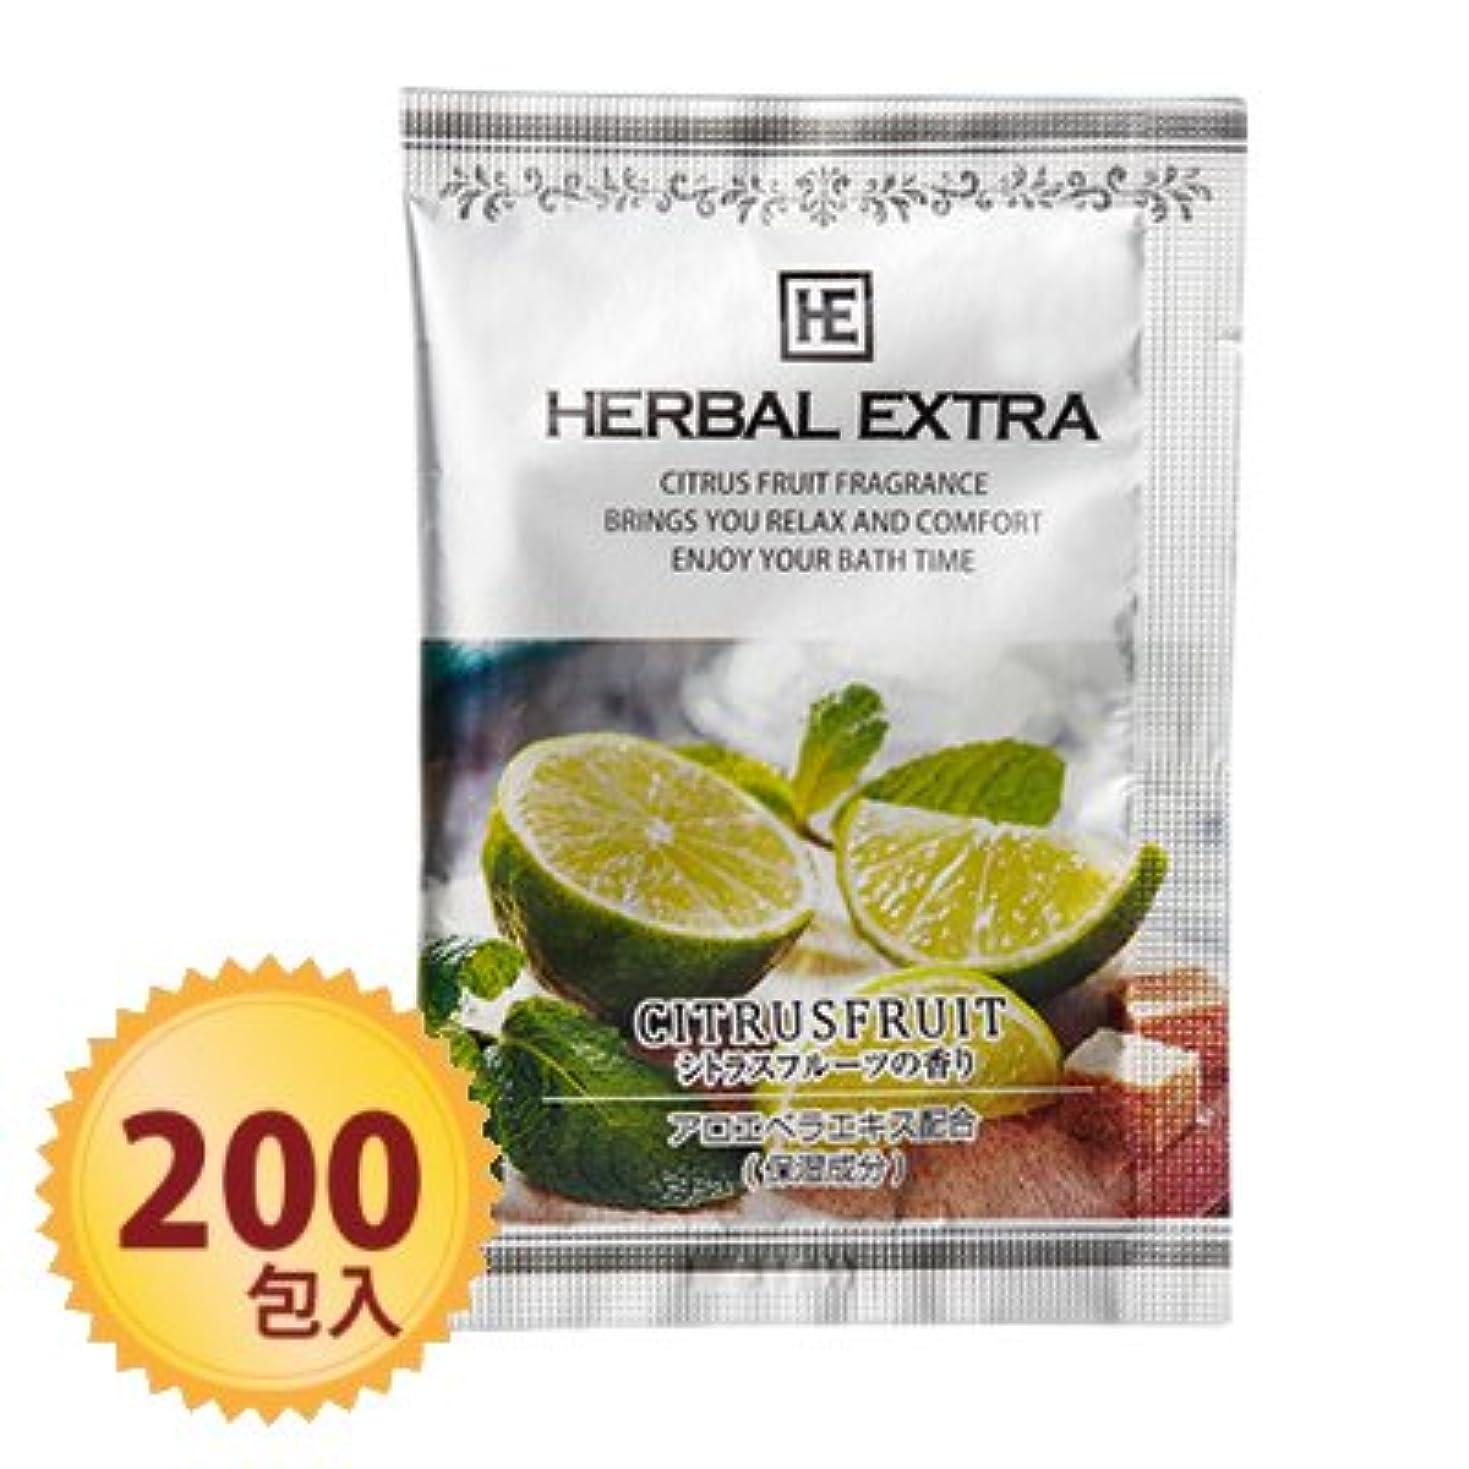 然とした作物歴史的ハーバルエクストラBS シトラスフルーツの香り 20g×200個